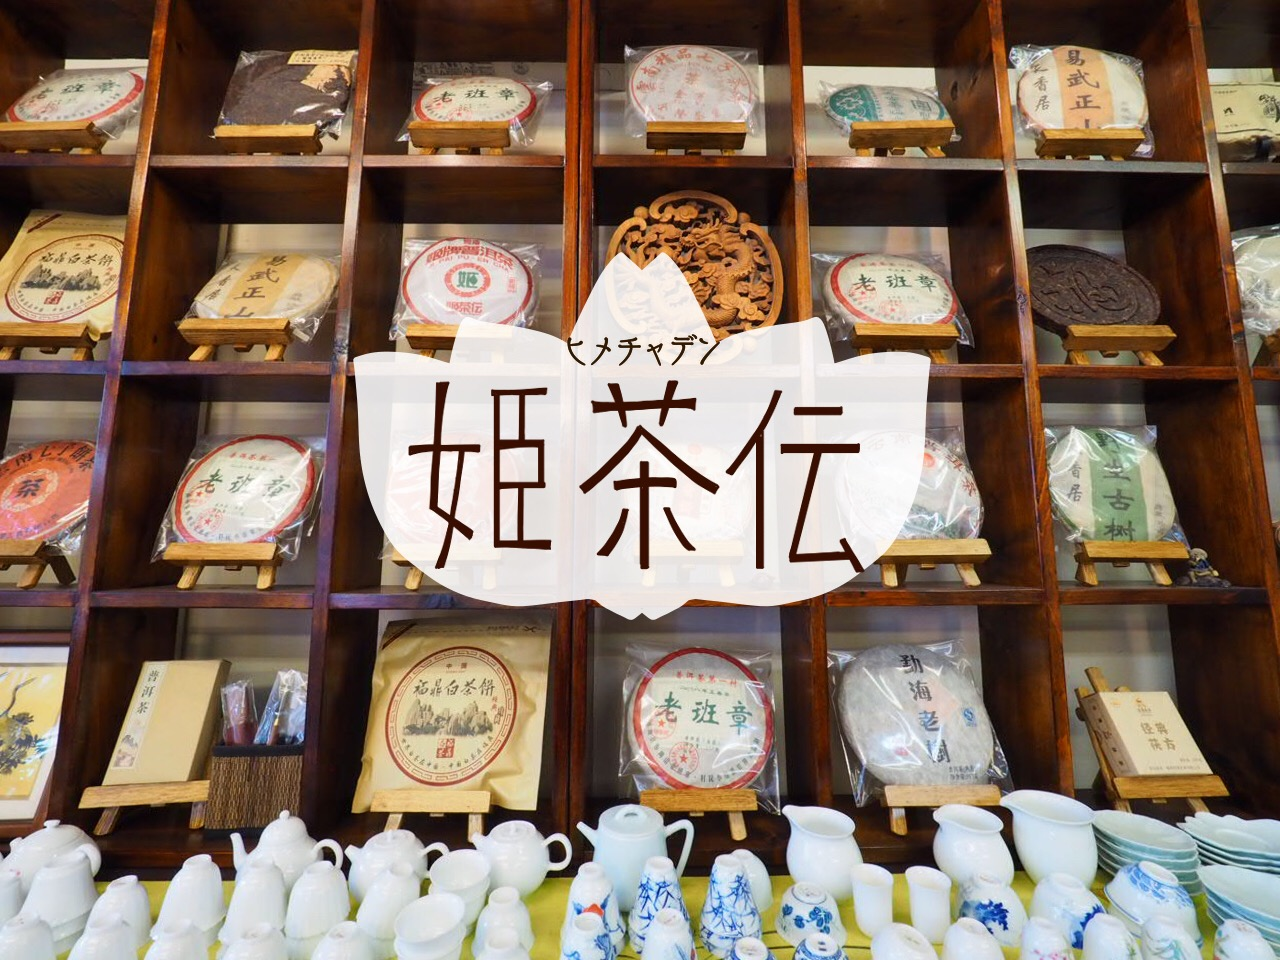 高質輸入茶葉−中国茶専門店 姫茶伝